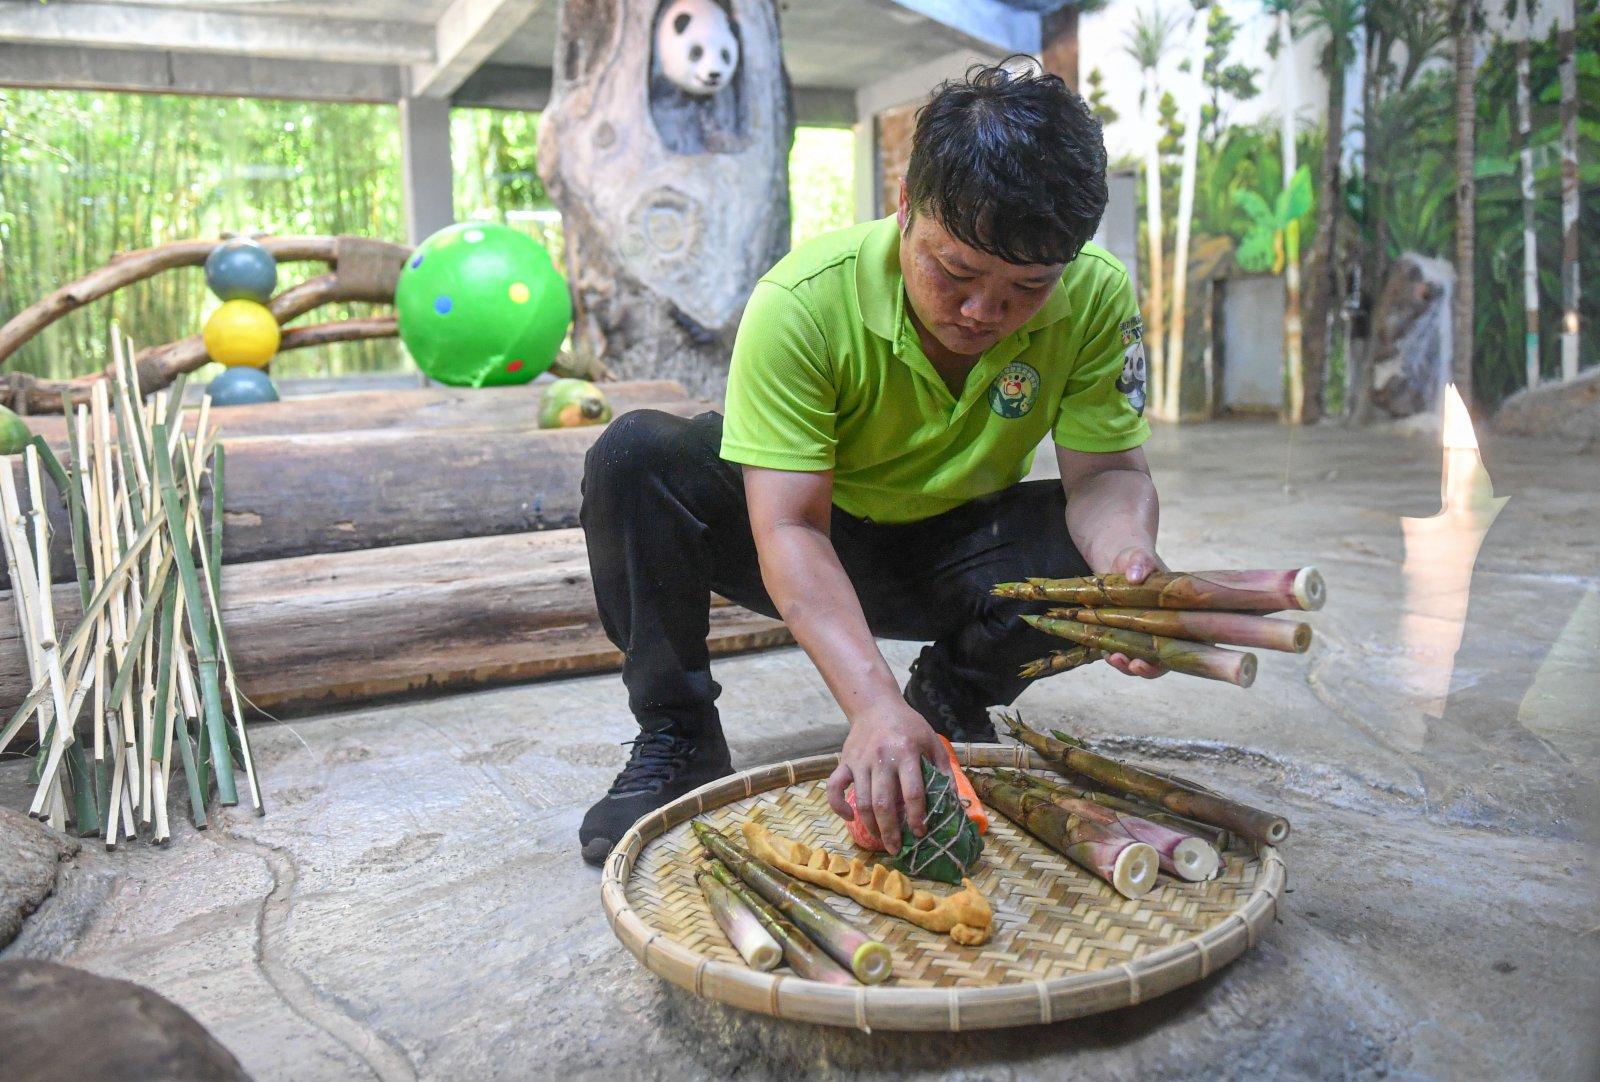 6月14日,在位於海口的海南熱帶野生動植物園,工作人員為大熊貓擺放食物。(新華社)